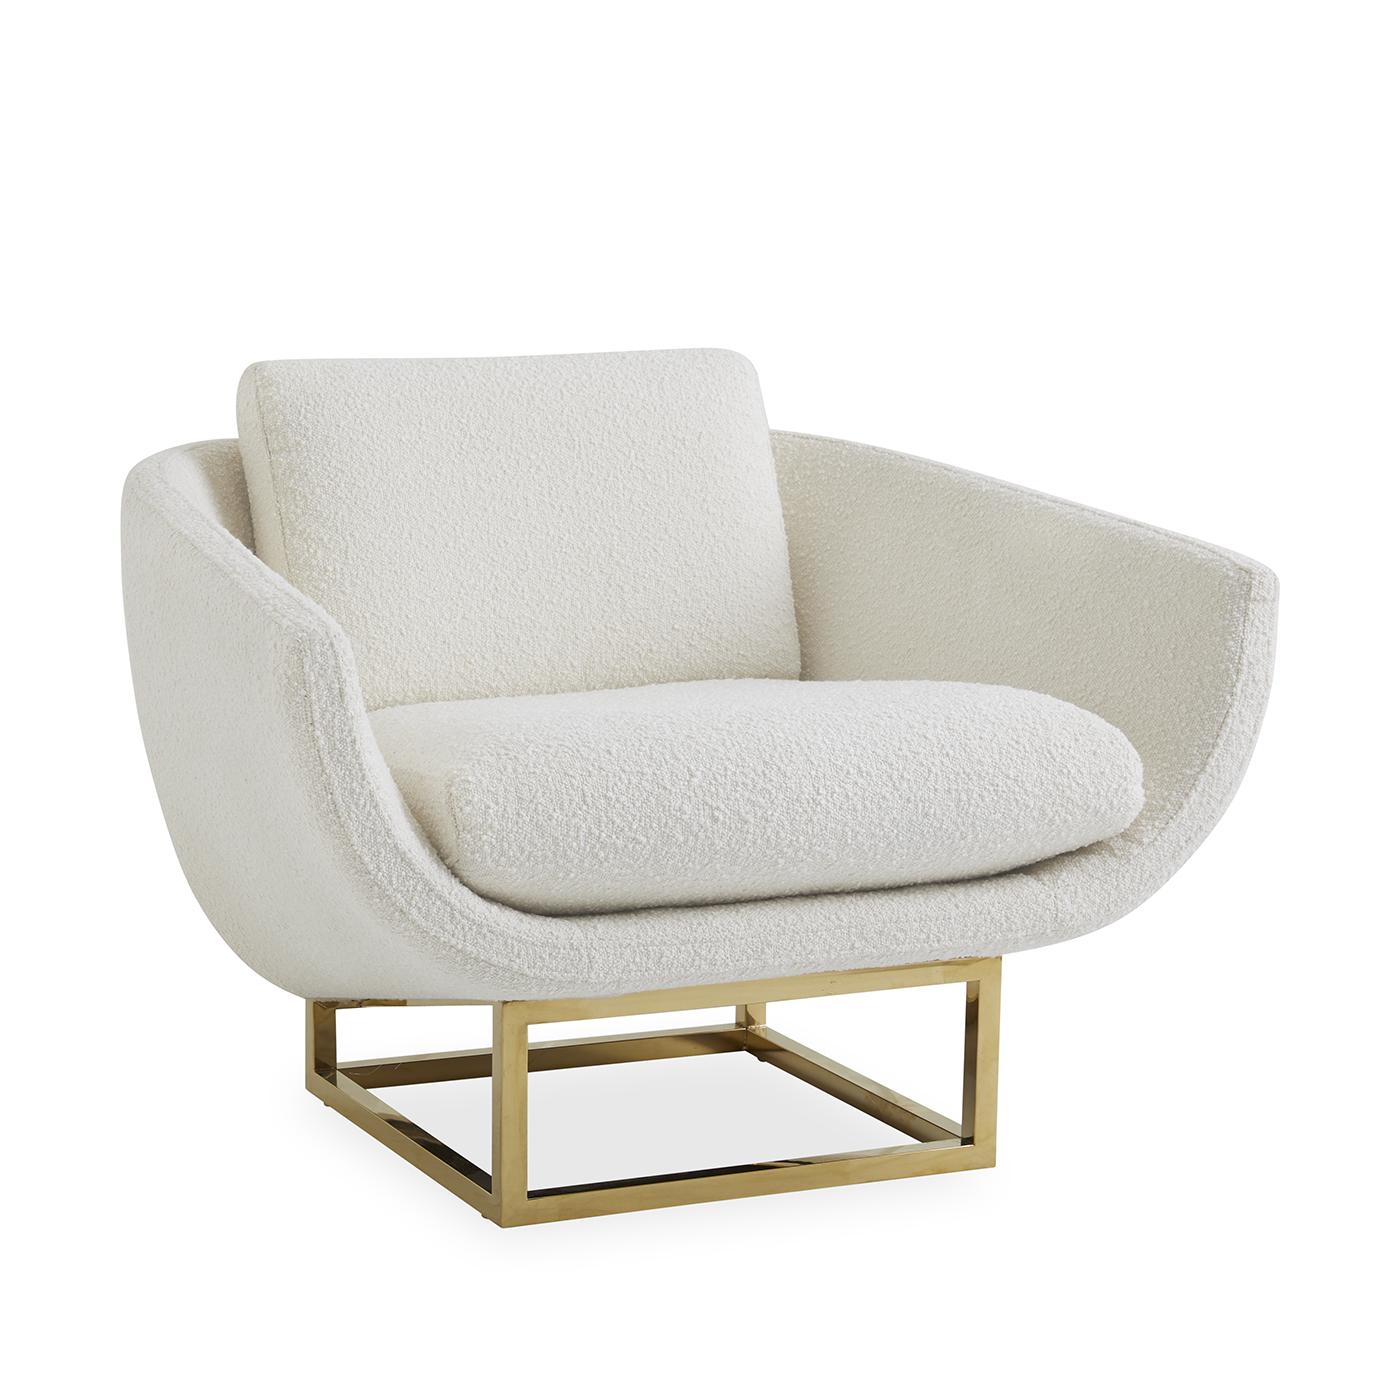 jonathan adler Jonathan Adler: Modern Chairs in a Mid-Century Modern Style Jonathan Adler Modern Chairs in a Mid Century Modern Style 7